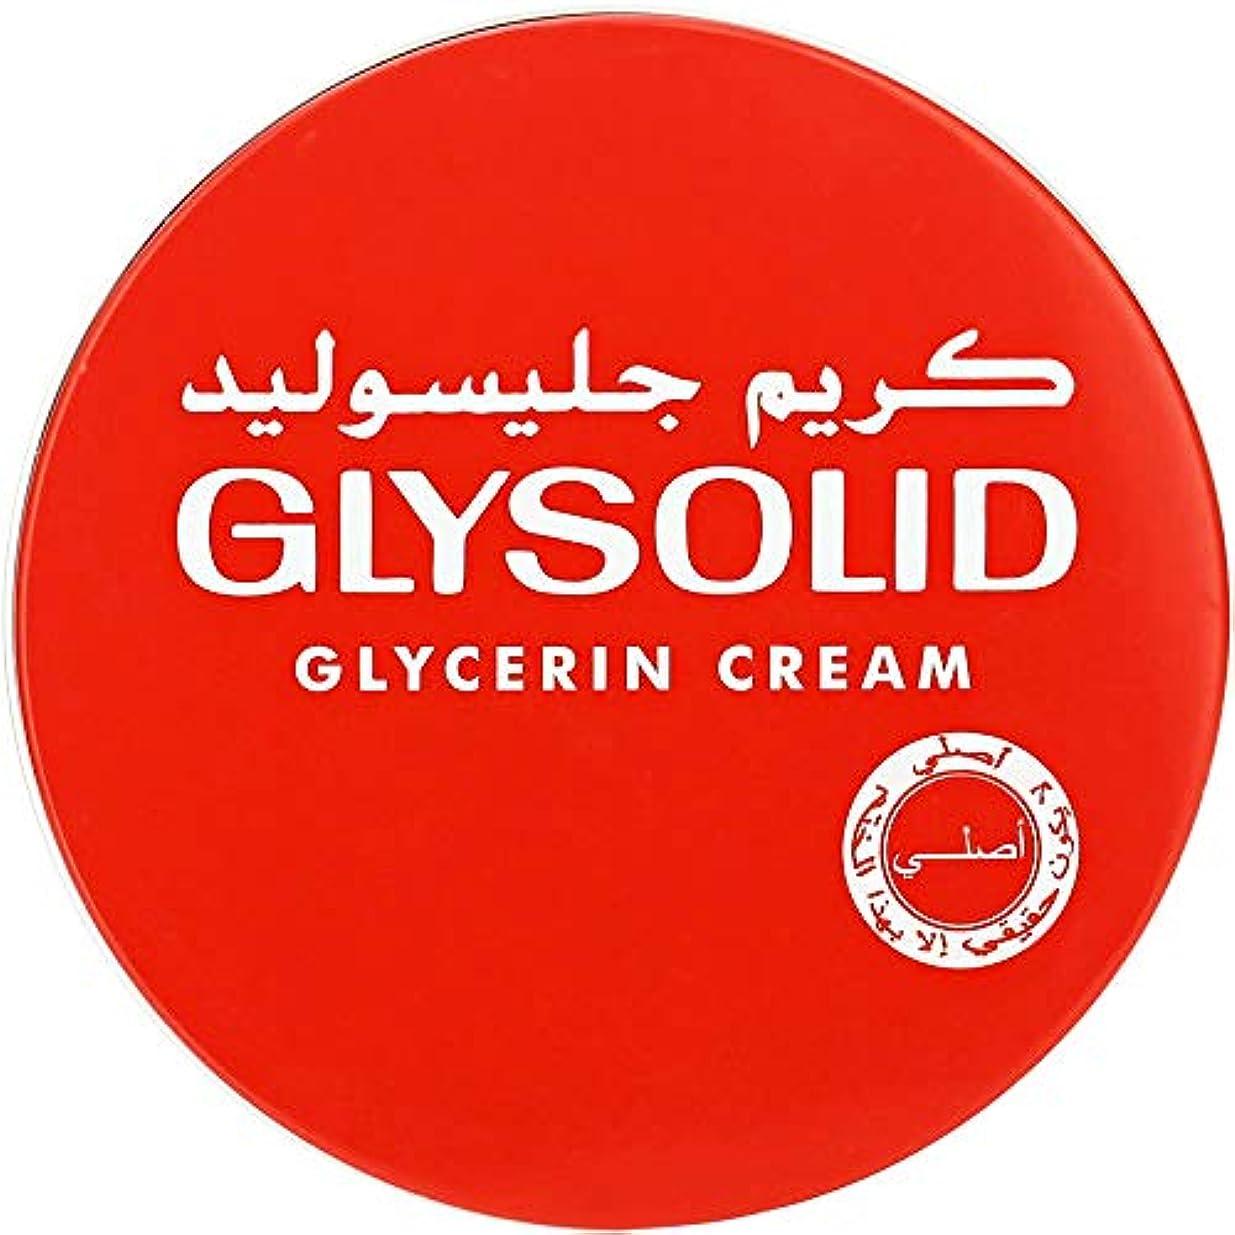 透ける提案するオールGlysolid Cream Face Moisturizers For Dry Skin Hands Feet Elbow Body Softening With Glycerin Keeping Your Skin...